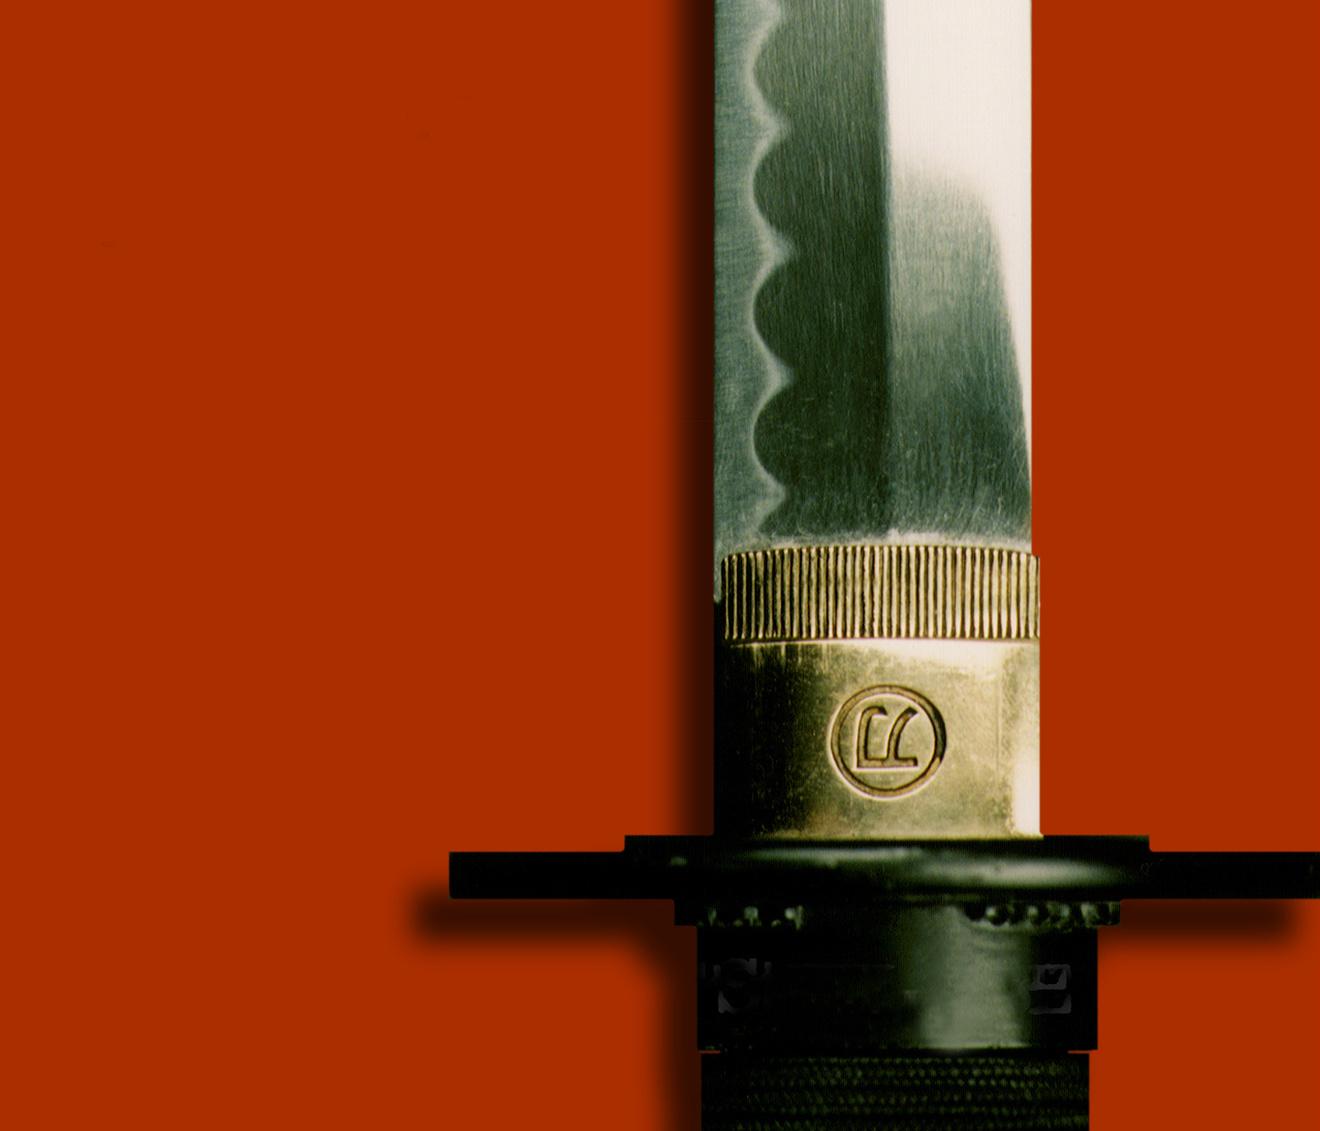 本当に面白い名作時代小説おすすめ12選!『蝉しぐれ』など傑作が勢ぞろい!